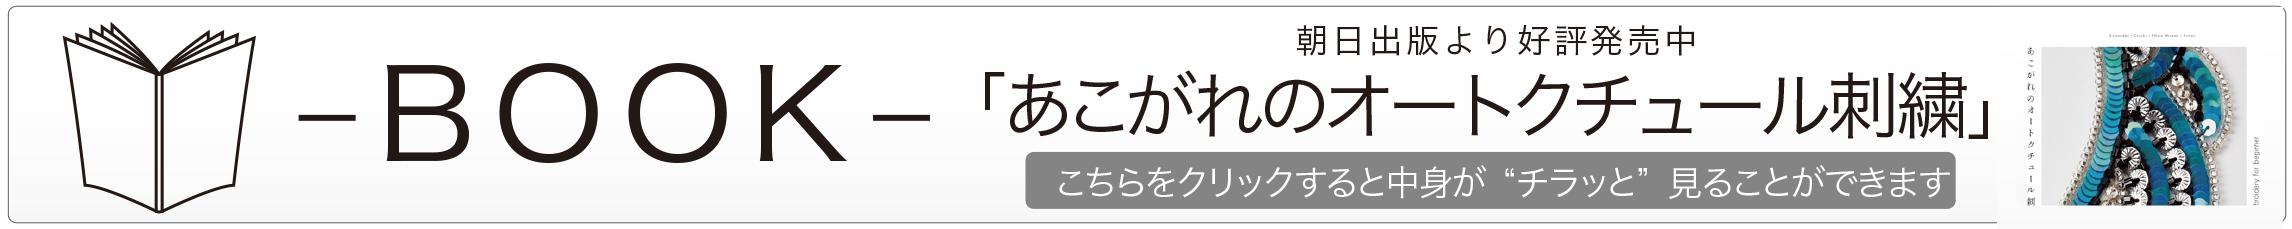 朝日出版 あこがれのオートクチュール刺繍